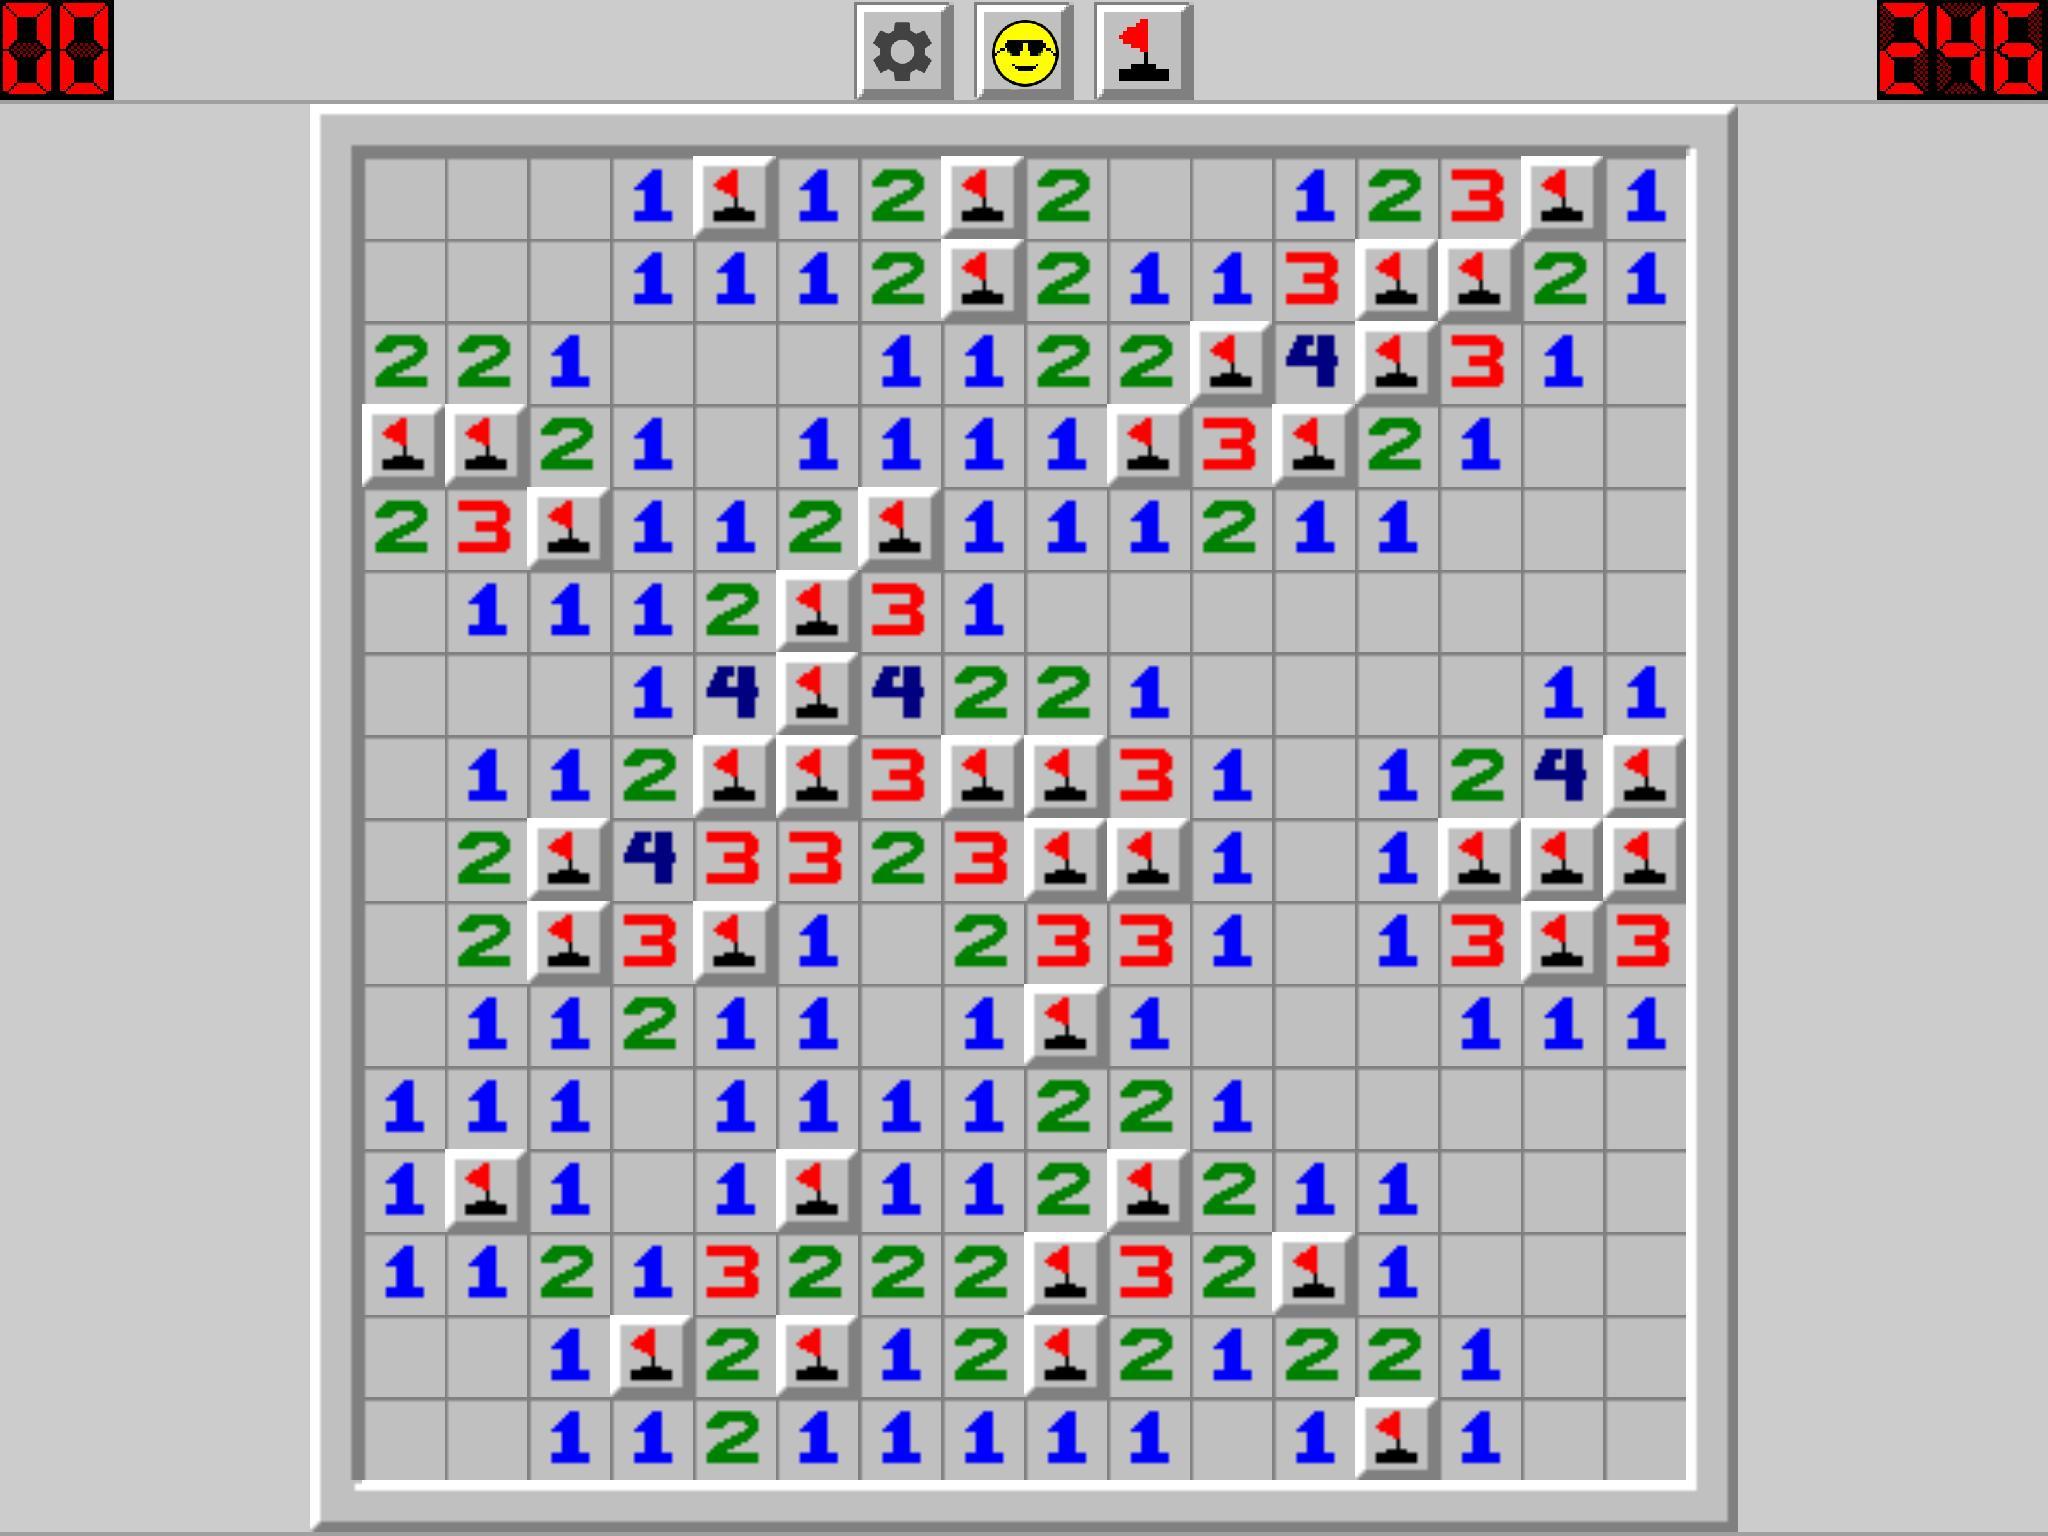 Minesweeoer